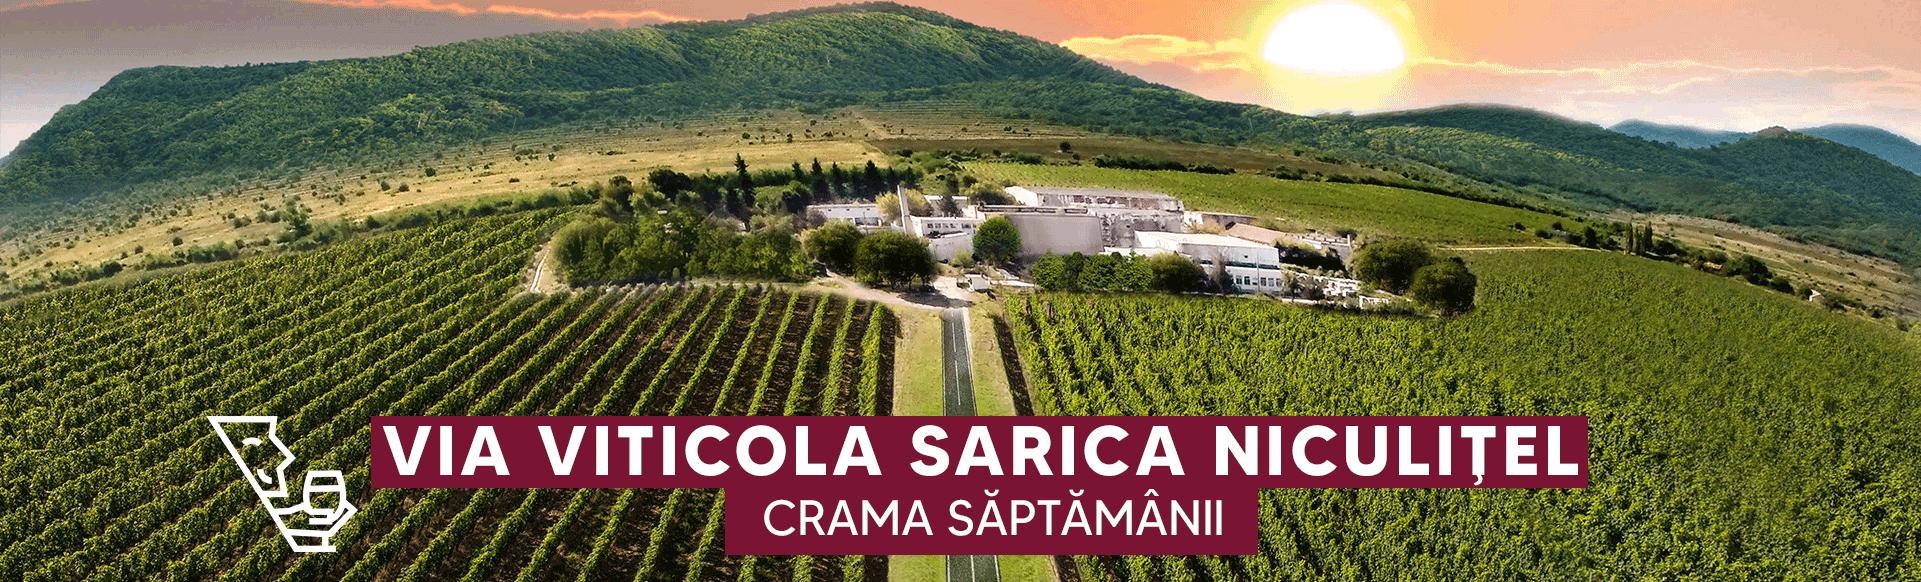 Via Viticola Sarica Niculitel